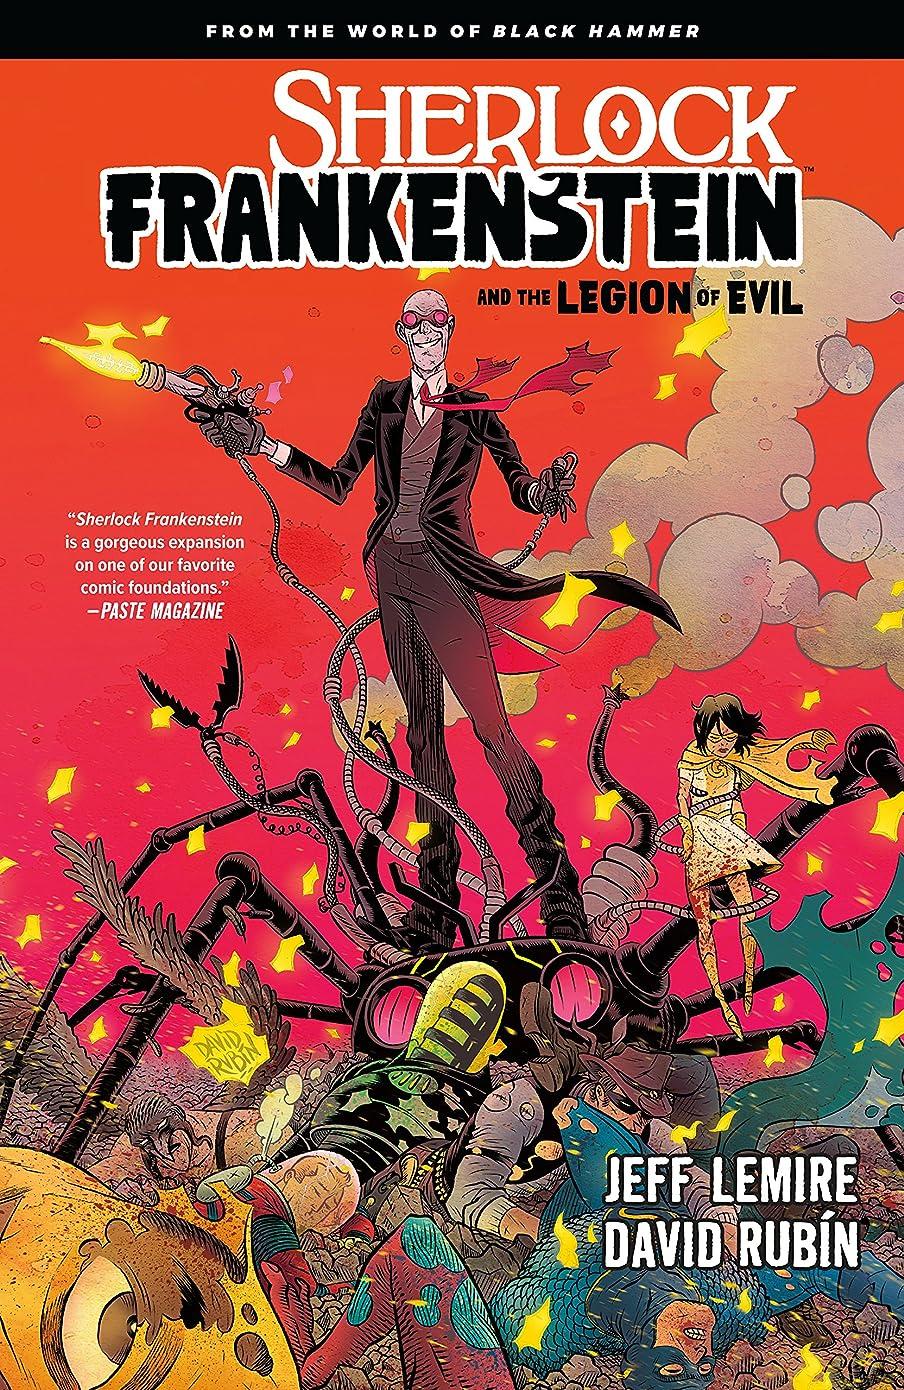 顕著発掘する橋脚Sherlock Frankenstein Volume 1: From the World of Black Hammer (English Edition)